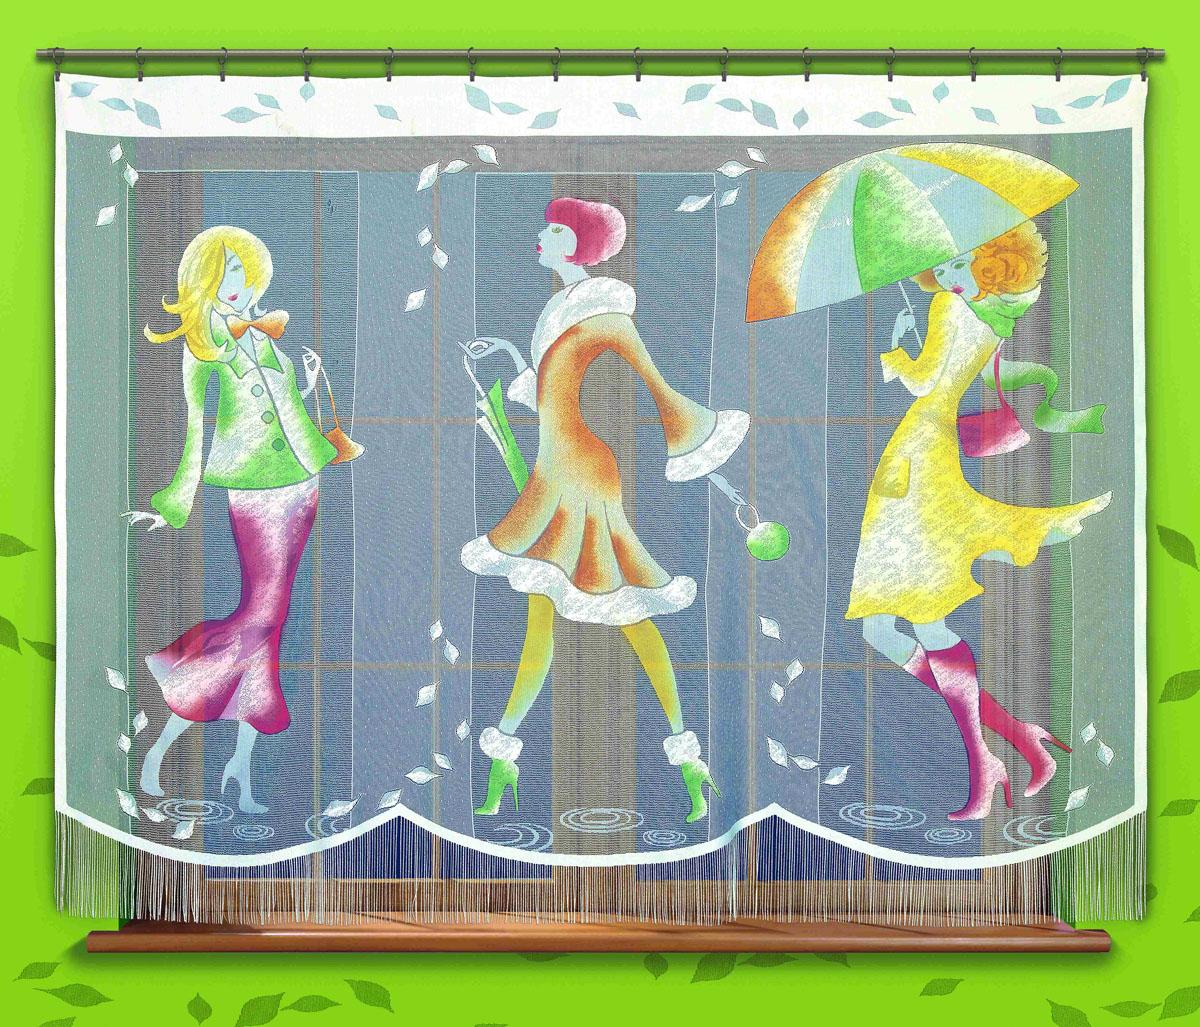 Гардина Pory Roku, цвет: белый, высота 180 см723942Оригинальная гардина Pory Roku, изготовленная из полиэстера белого цвета, станет великолепным украшением любого окна. Яркий принт в виде девушек и украшение в виде бахромы привлекут к себе внимание и органично впишутся в интерьер комнаты. Верхняя часть гардины не оснащена креплениями.